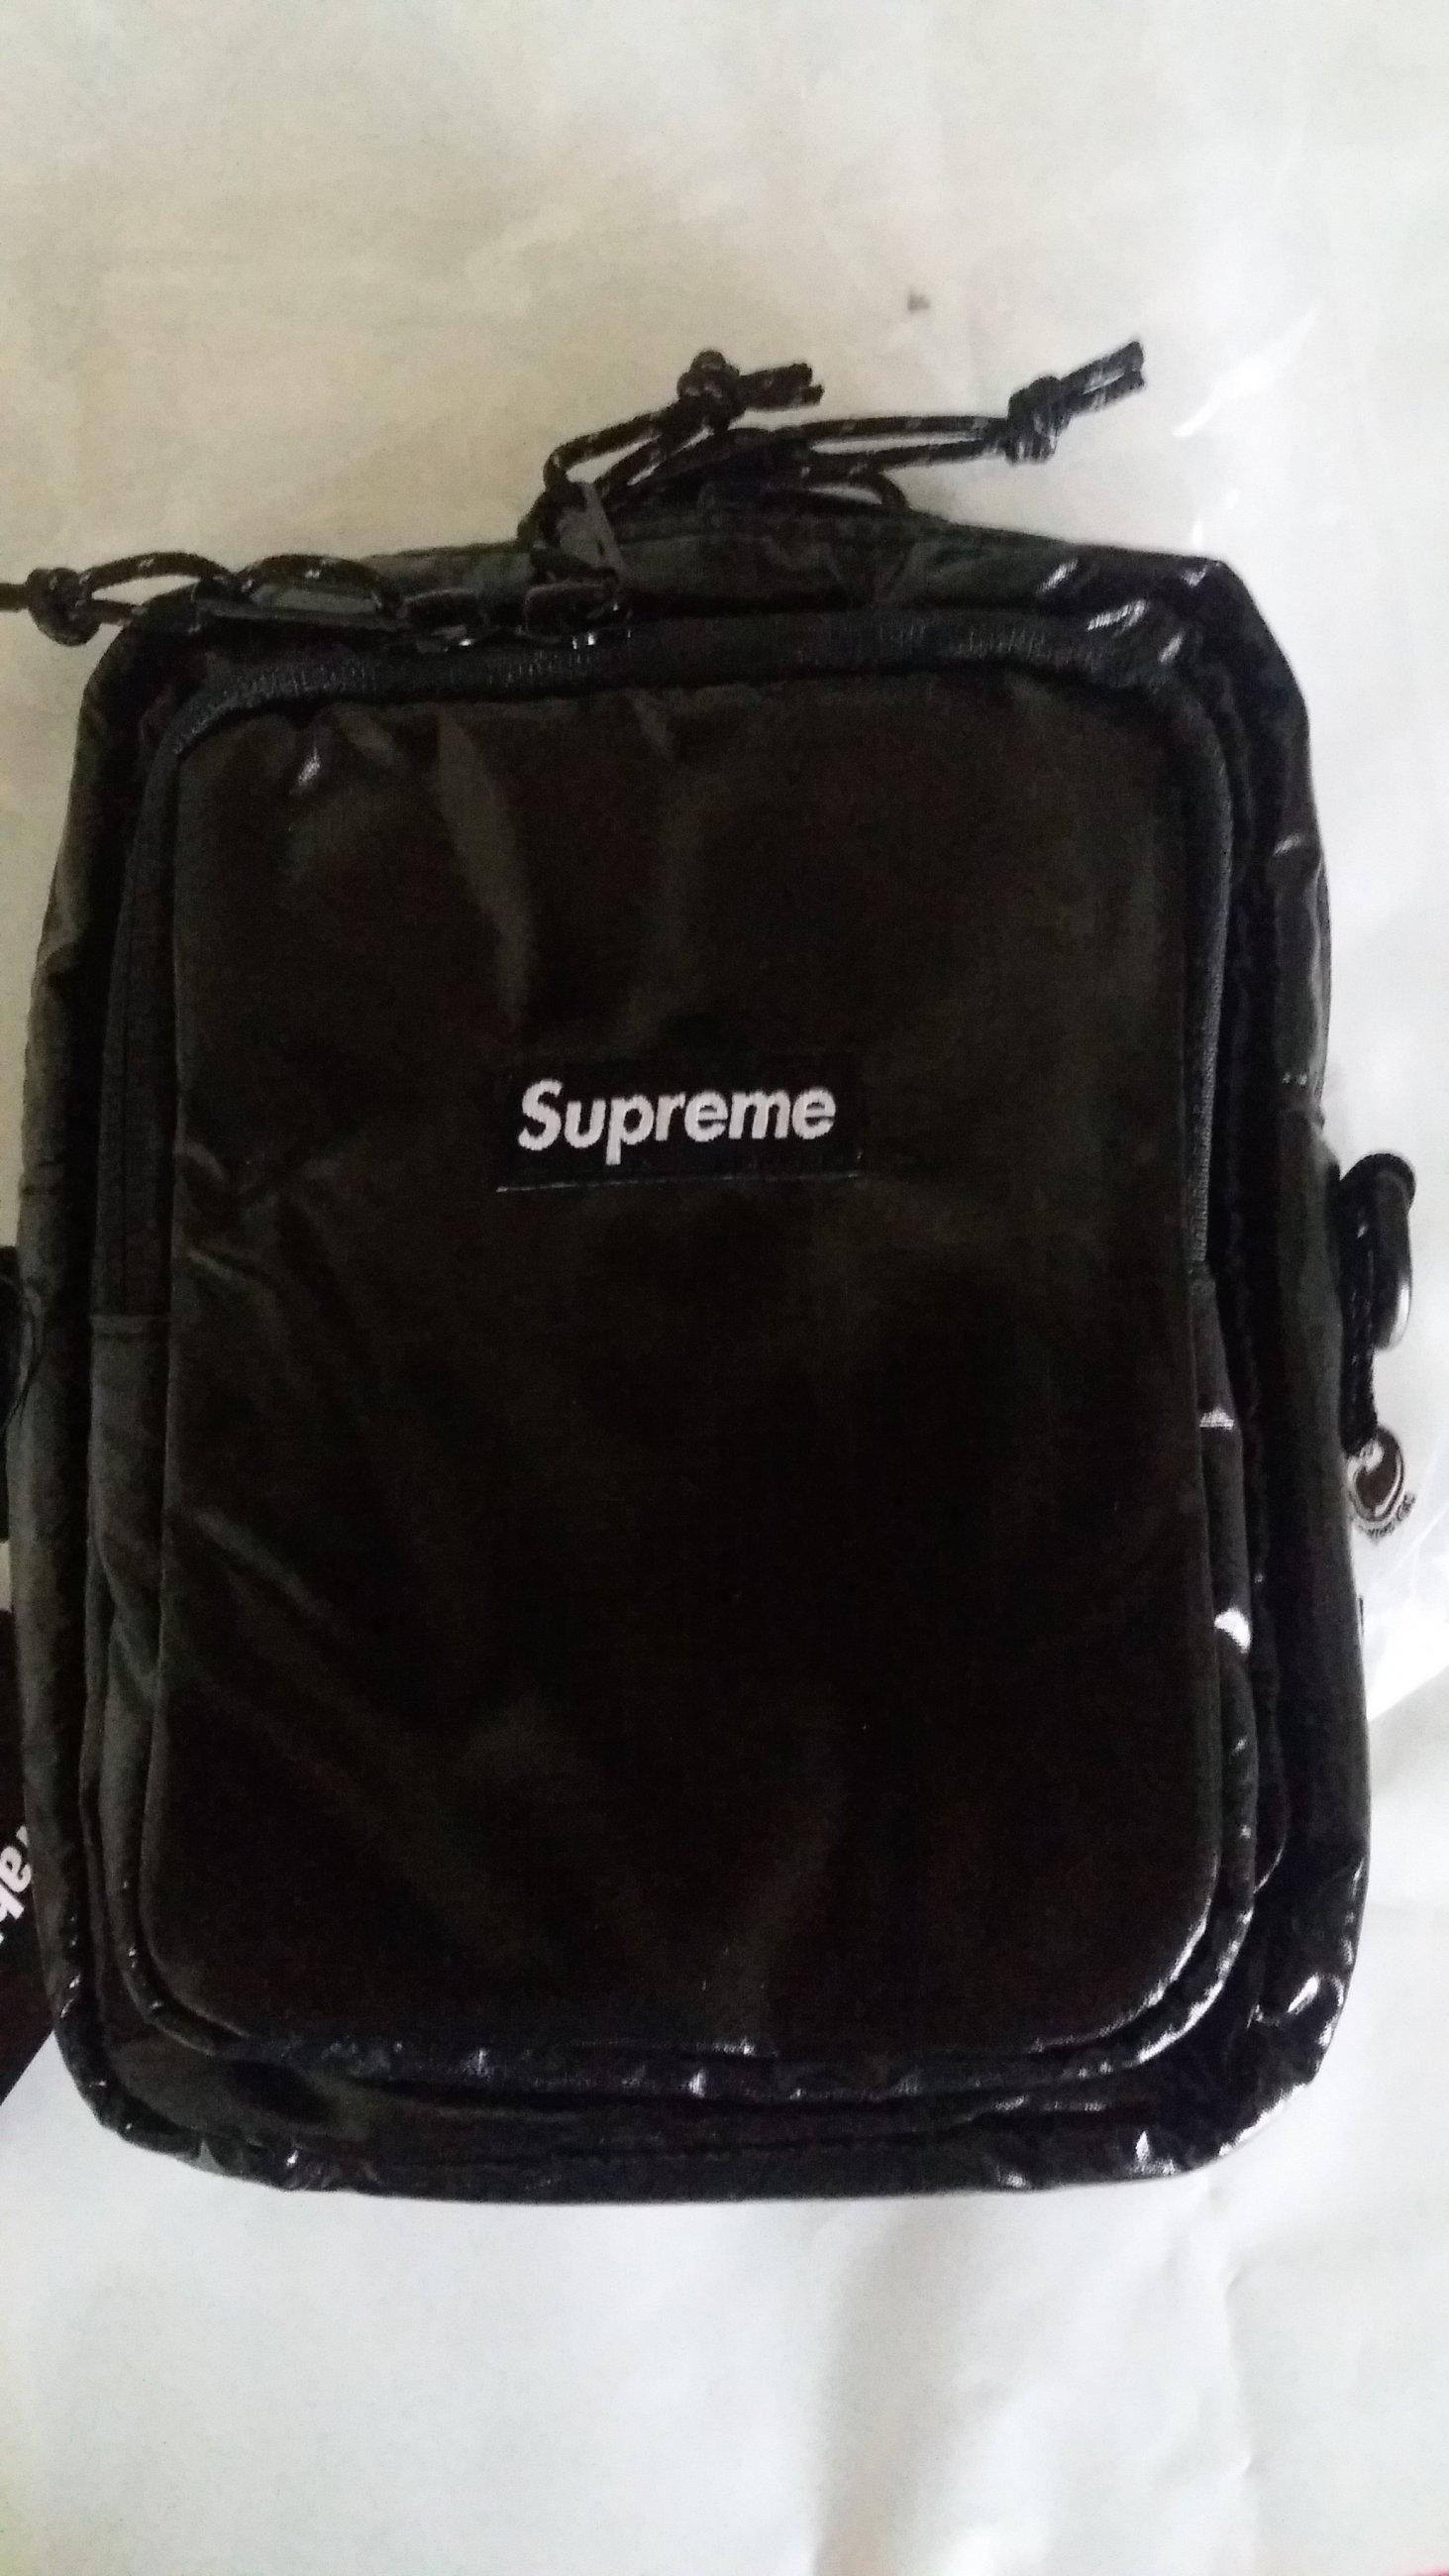 metà fuori cb655 45a1b borsello Supreme - Meetapp